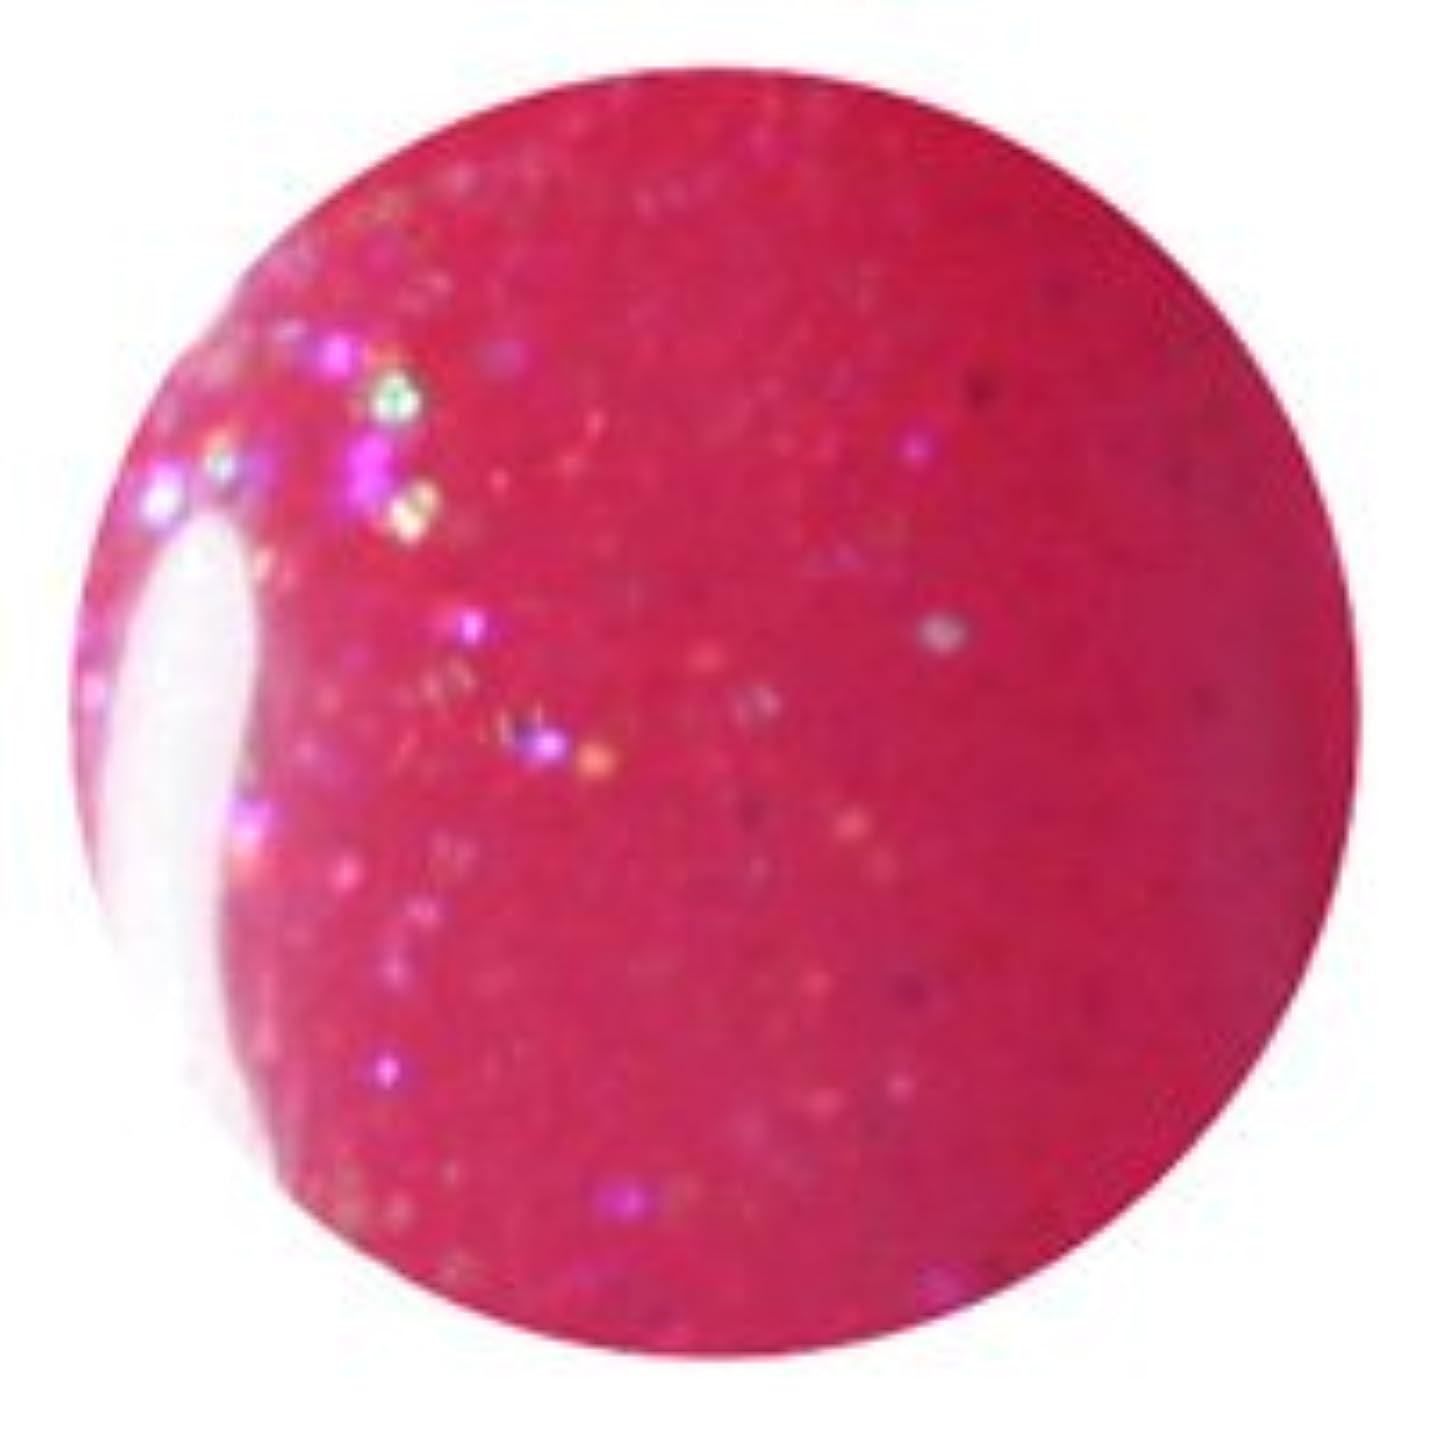 バッグ便利さ変動するpara gel(パラジェル) デザイナーズカラージェル 4g<BR>G015 カシスジュレ